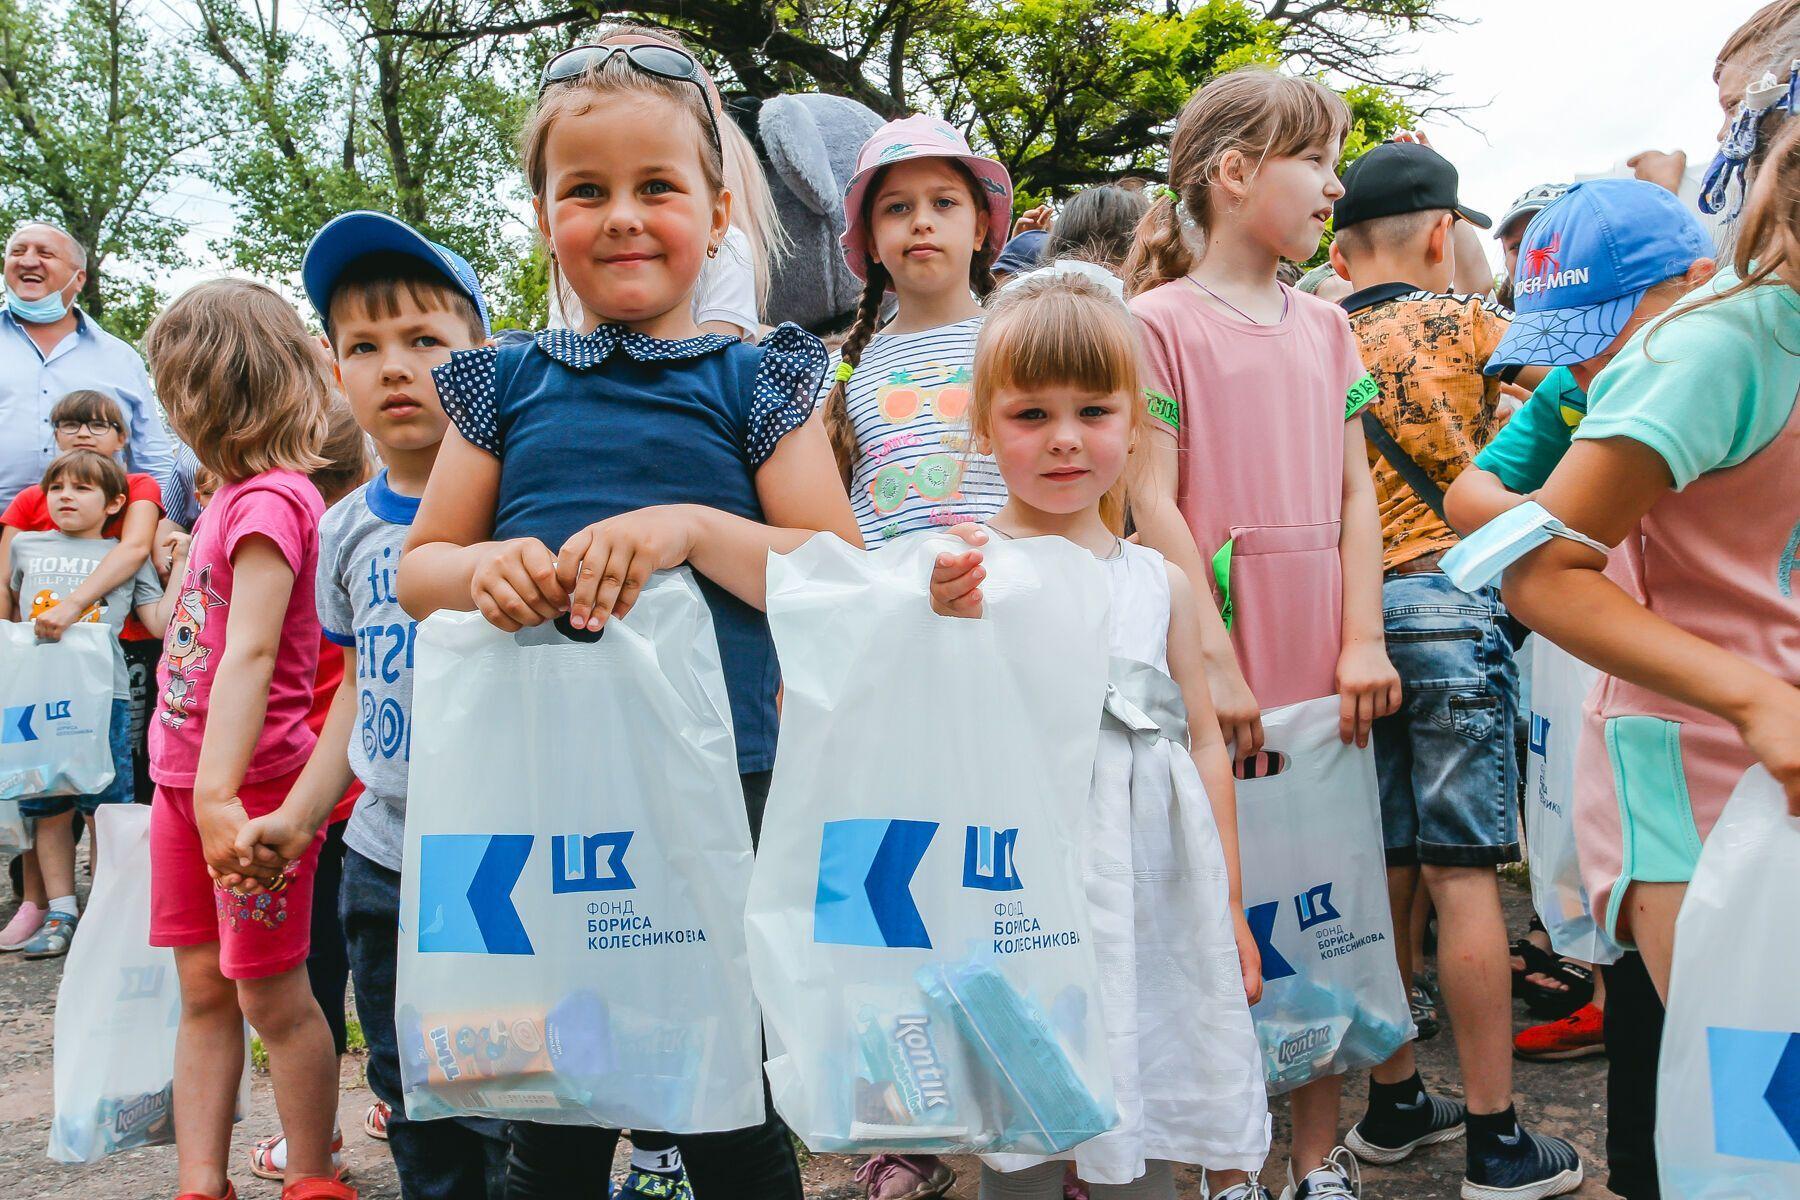 Фонд Бориса Колеснікова організував дитячі святкові заходи на Донеччині